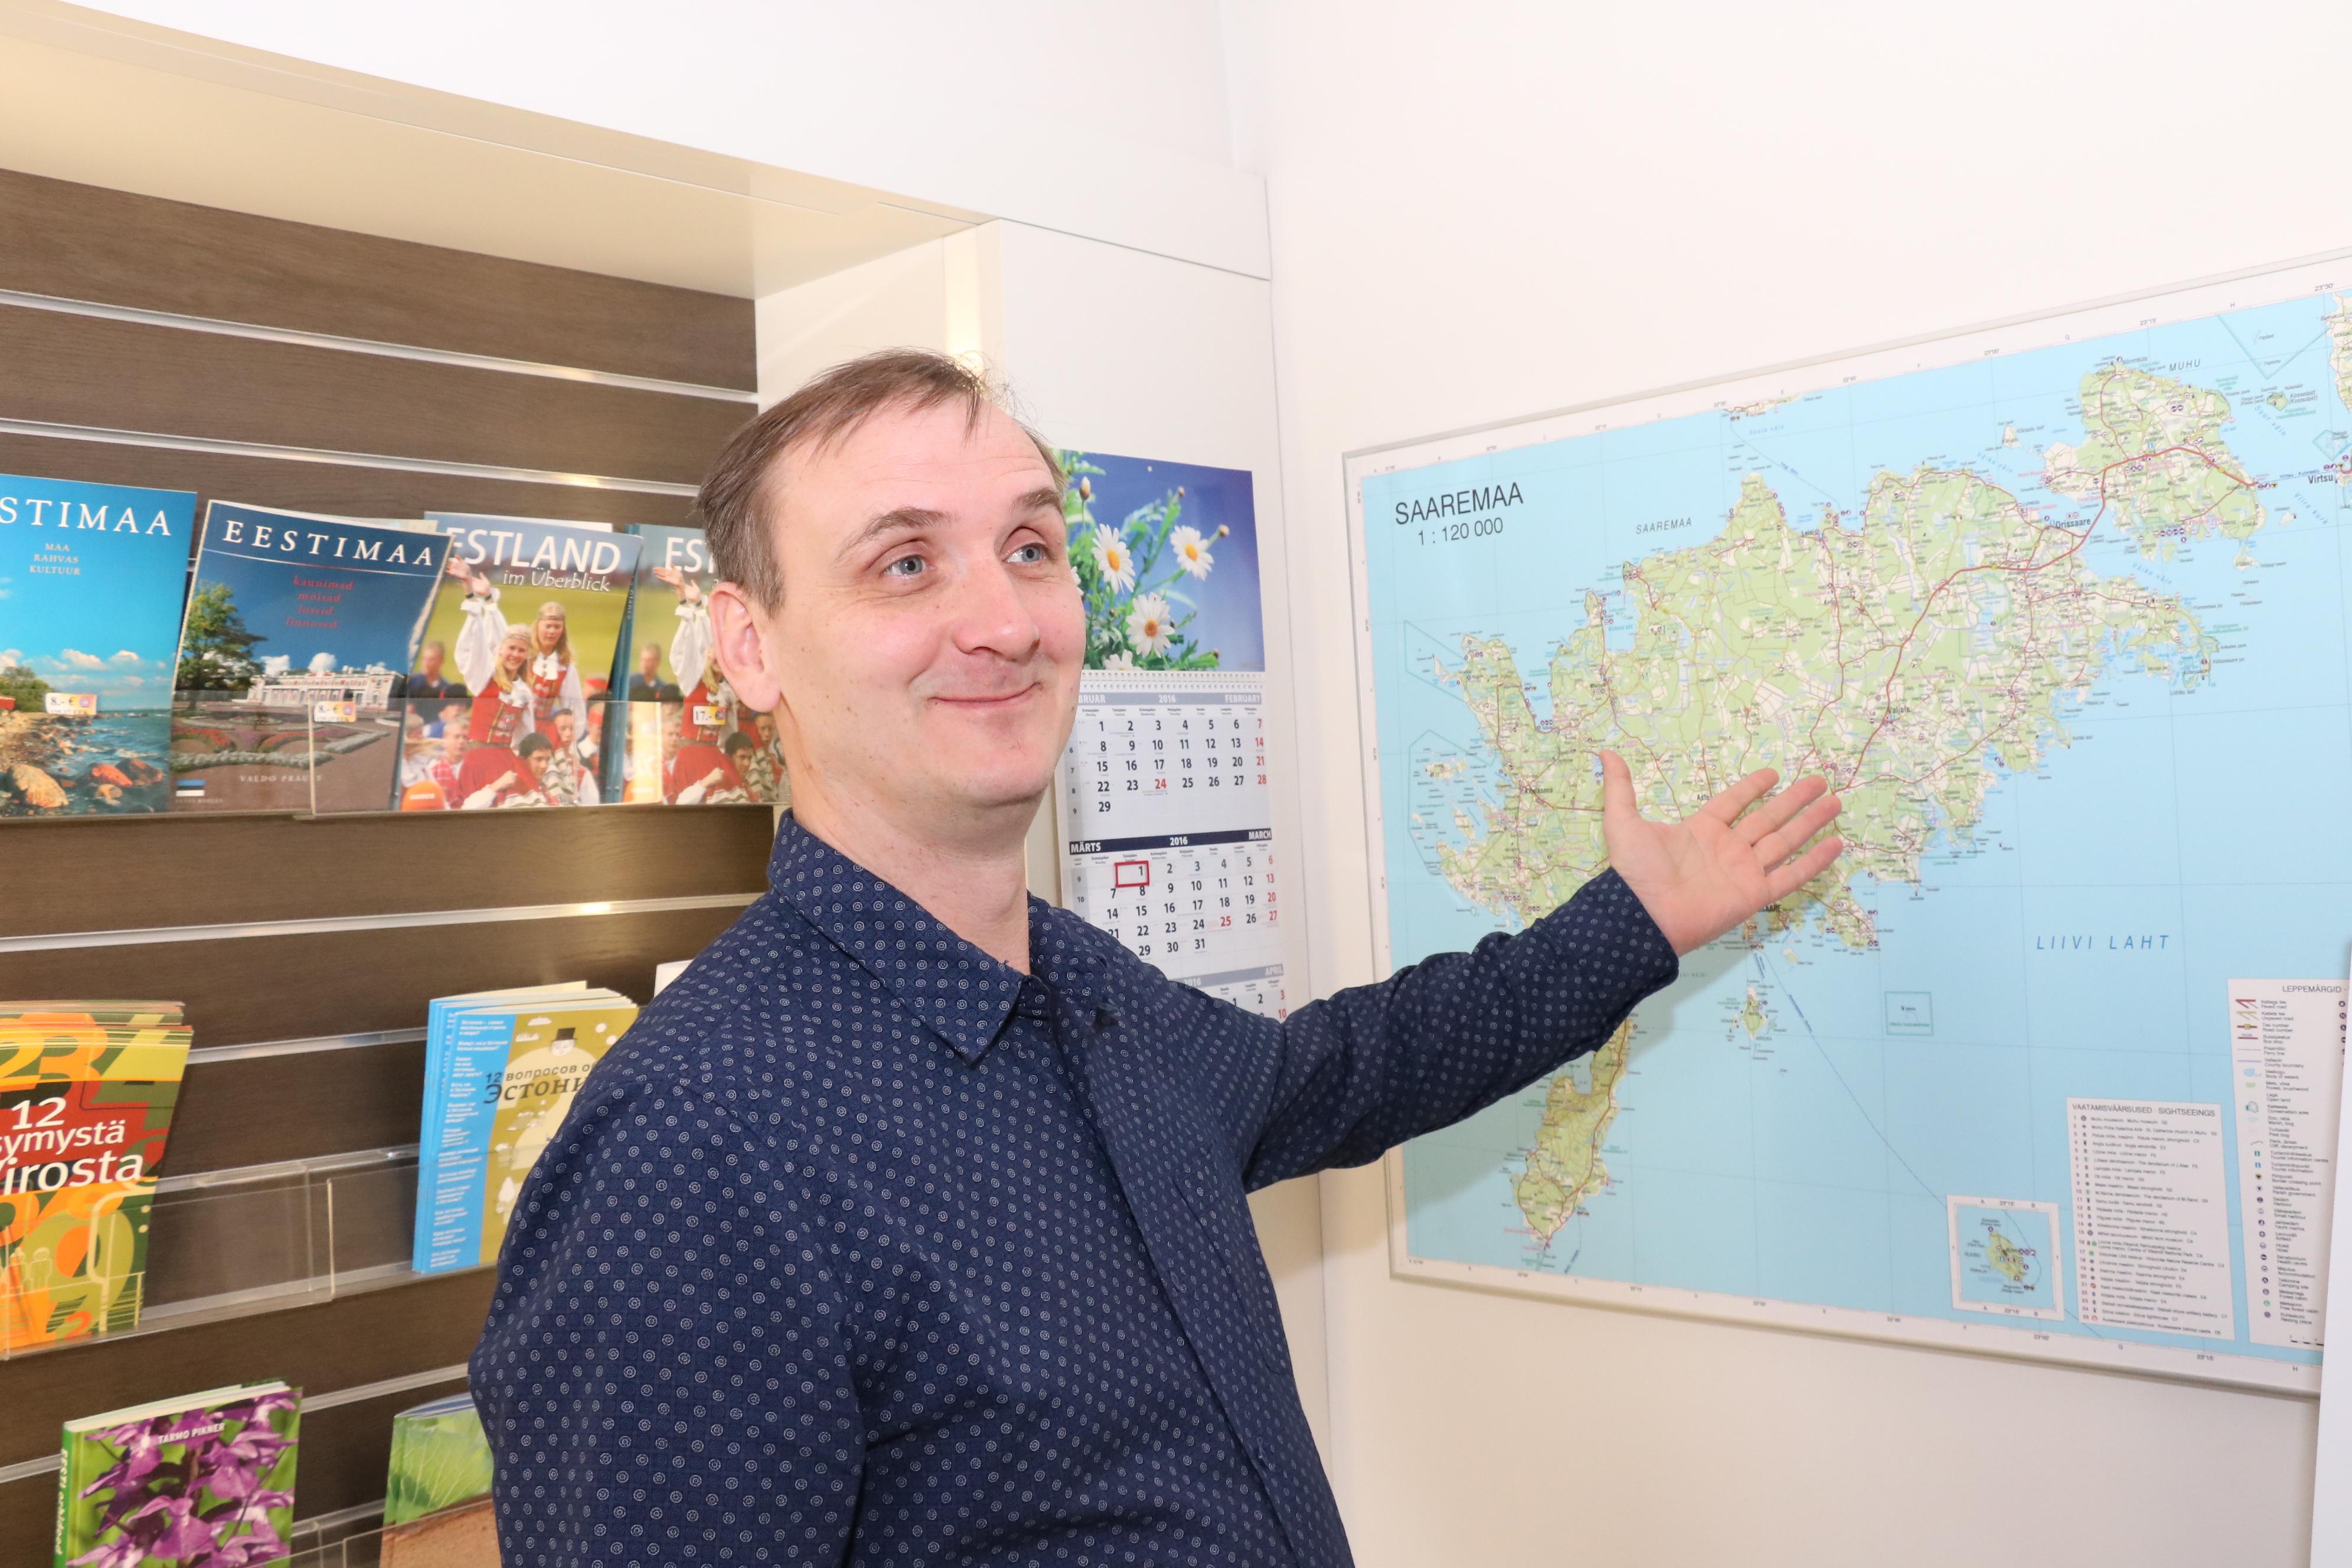 Maakonna turismi katusorganisatsioonil MTÜ Visit Saaremaa on viimase üldkoosoleku seisuga 44 liiget, neist üheksa on omavalitsused. Visit Saaremaa tegevjuhi Ergo Oolupi sõnul on aga ühendusele juba laekunud uusi liikmeks astumise […]